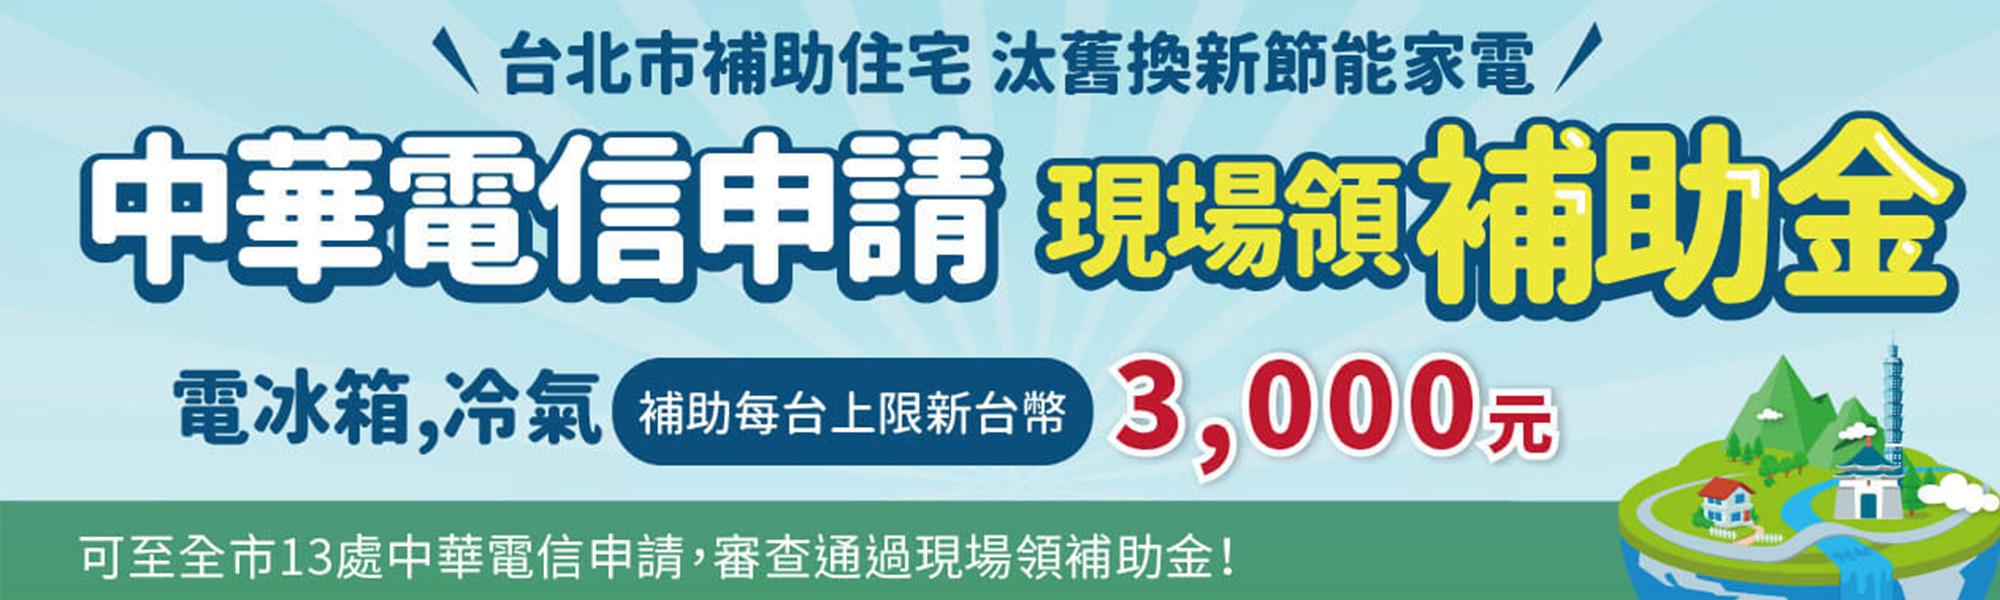 北市節能家電補助與中華電信指定門市合作!民眾就近申請,現場審核通過即可領取補助